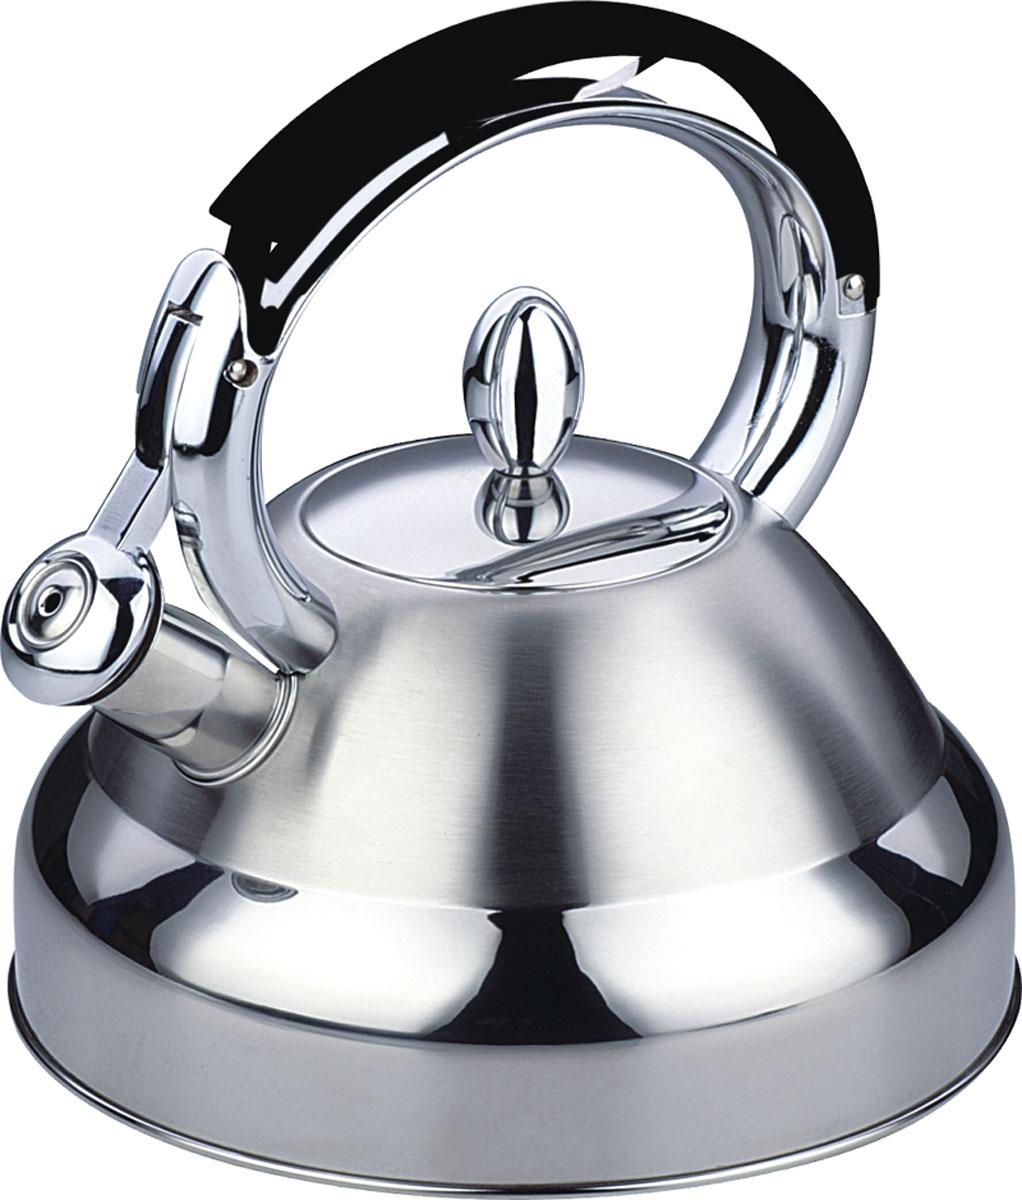 Чайник Bekker De Luxe со свистком, 2,7 л. BK-S42694672Чайник Bekker De Luxe изготовлен из высококачественной нержавеющей стали 18/10. Поверхность матовая с зеркальной полосой по нижнему краю. Капсулированное дно распределяет тепло по всей поверхности, что позволяет чайнику быстро закипать. Эргономичная фиксированная рукоятка выполнена из нержавеющей стали и бакелита с прорезиненным покрытием. Носик оснащен откидным свистком, который подскажет, когда вода закипела. Свисток открывается и закрывается нажатием на рукоятку. Оригинальный дизайн эффектно оформит интерьер кухни.Подходит для всех типов плит, включая индукционные. Можно мыть в посудомоечной машине.